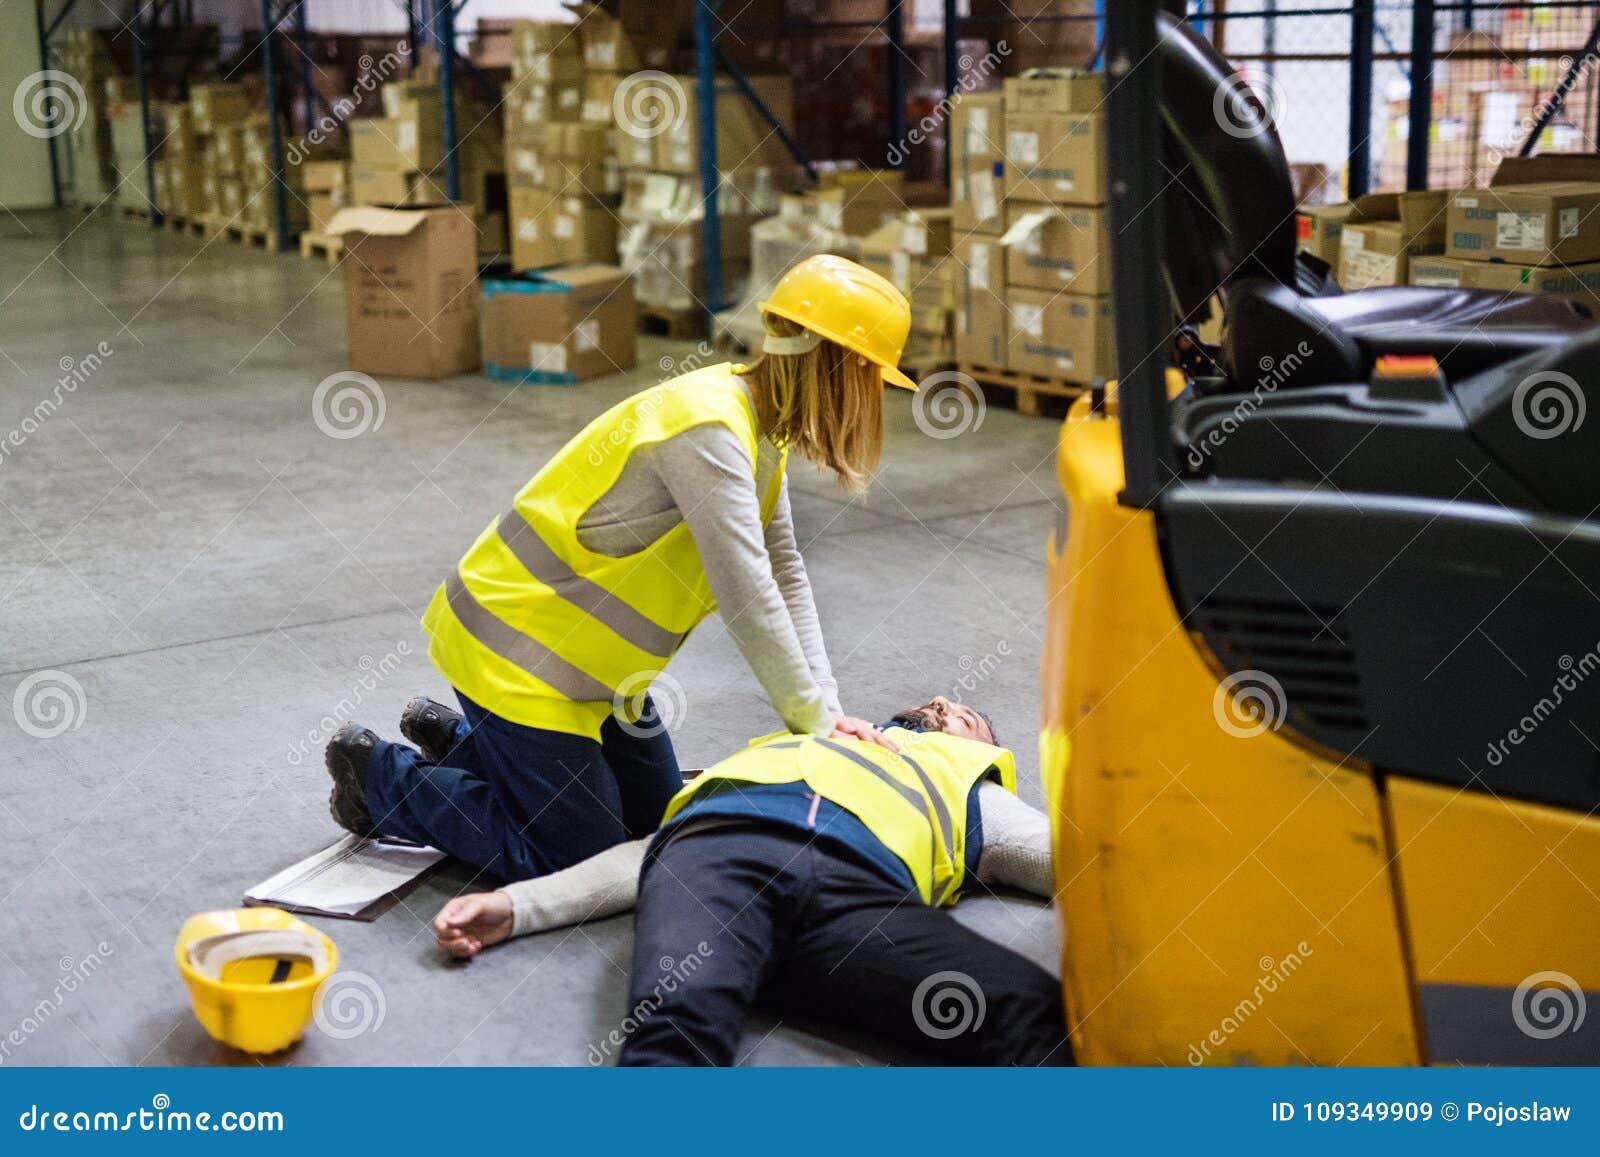 Entreposez les travailleurs après un accident dans un entrepôt